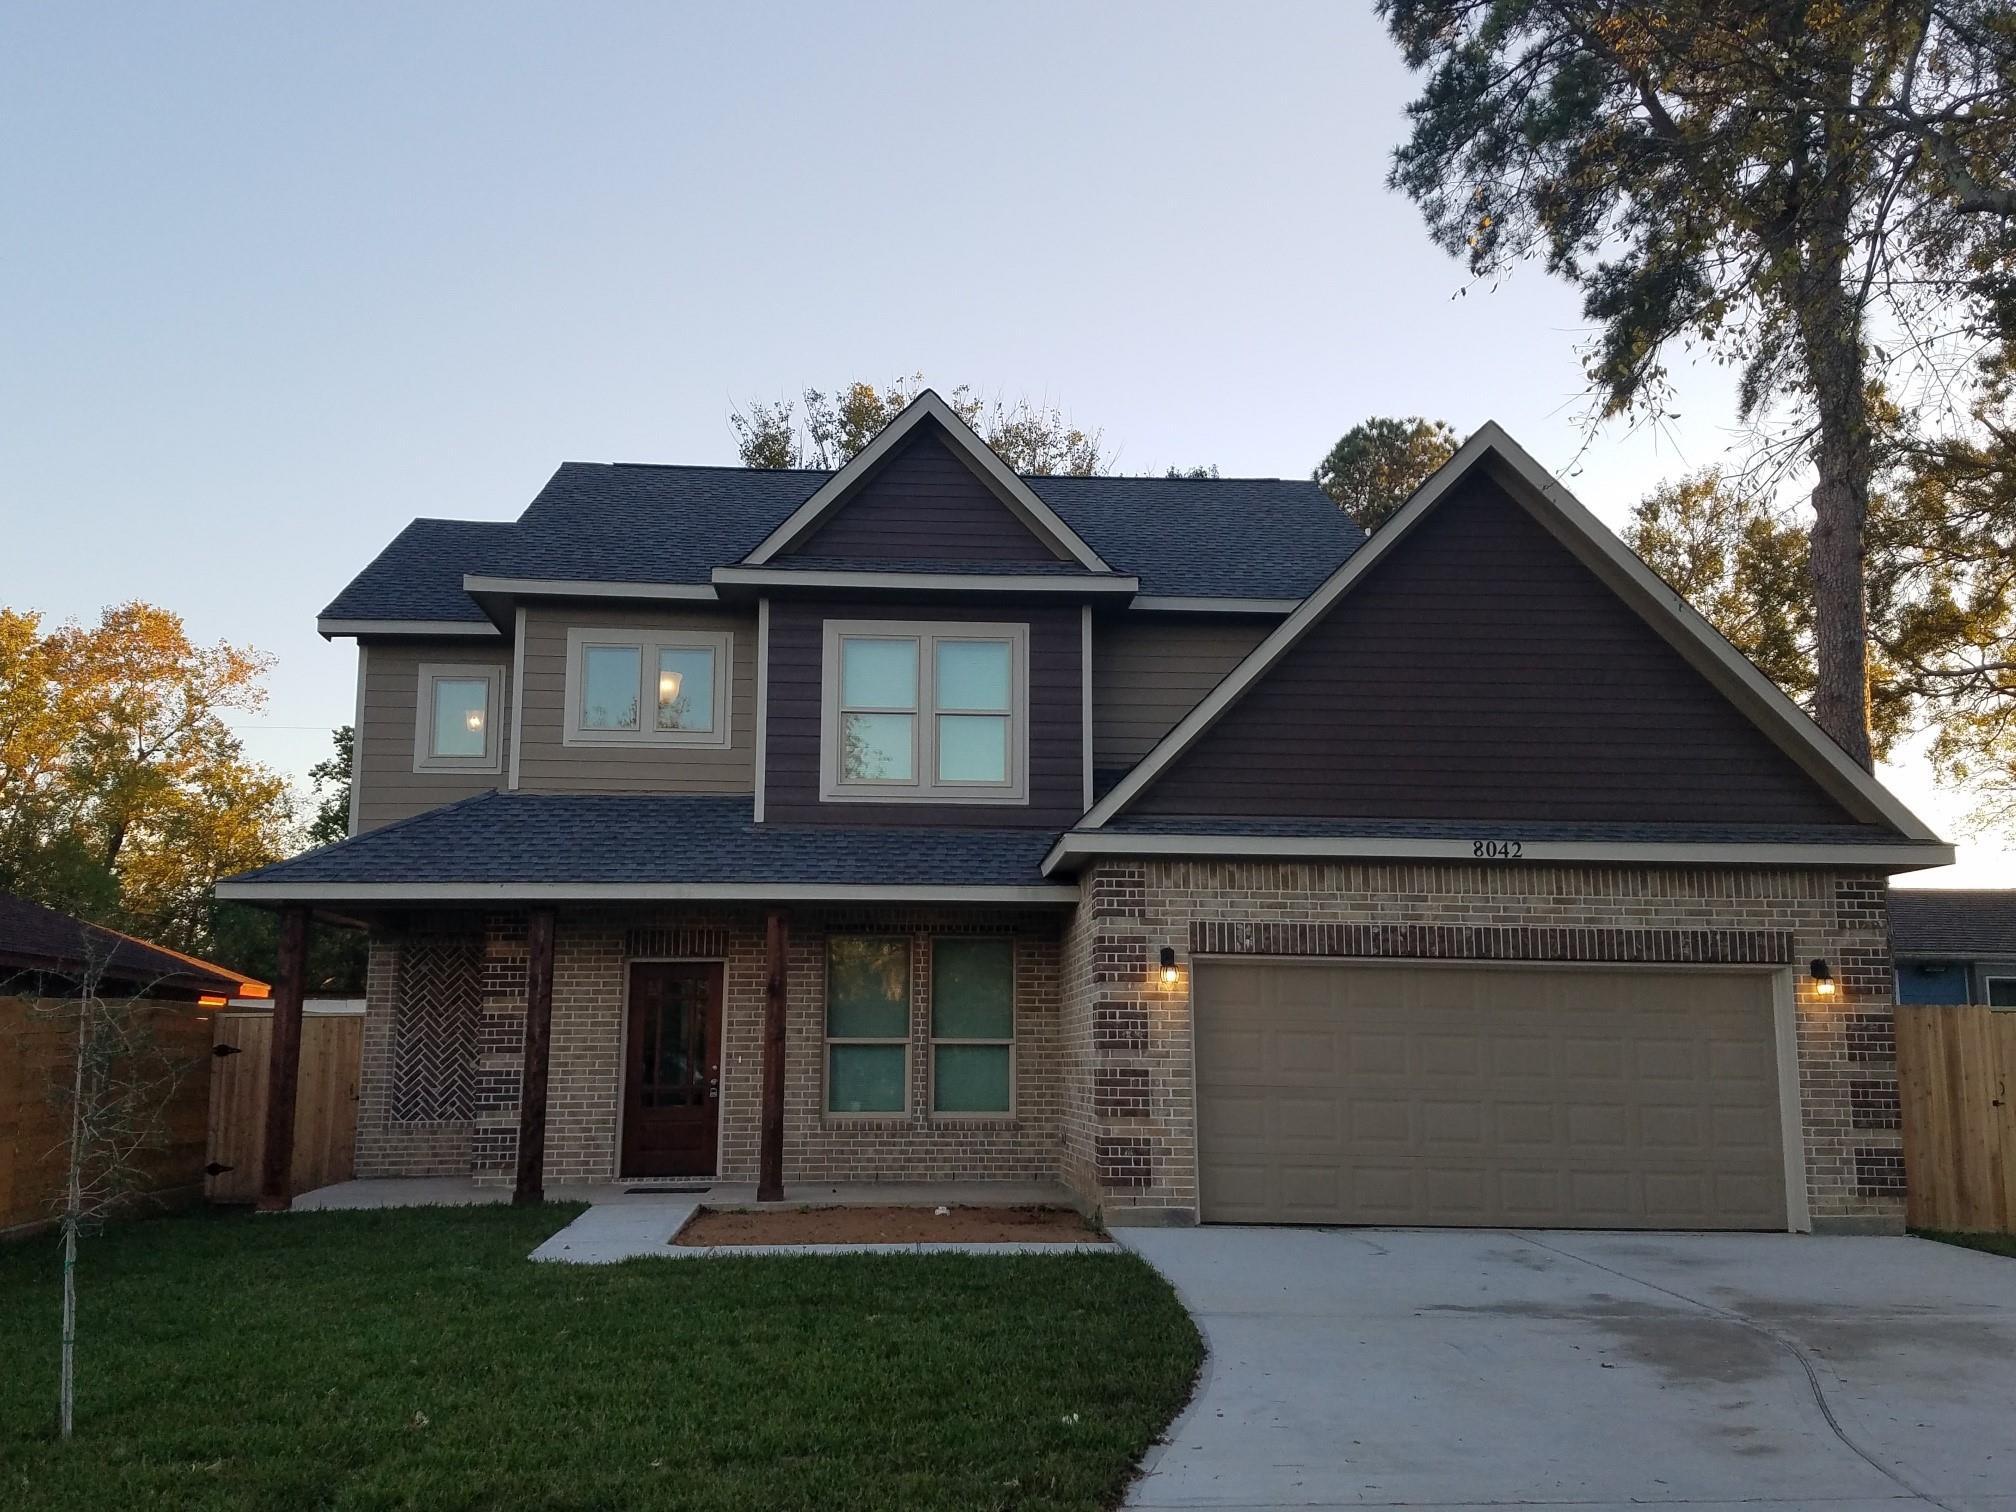 8042 Hickok Lane Property Photo - Houston, TX real estate listing